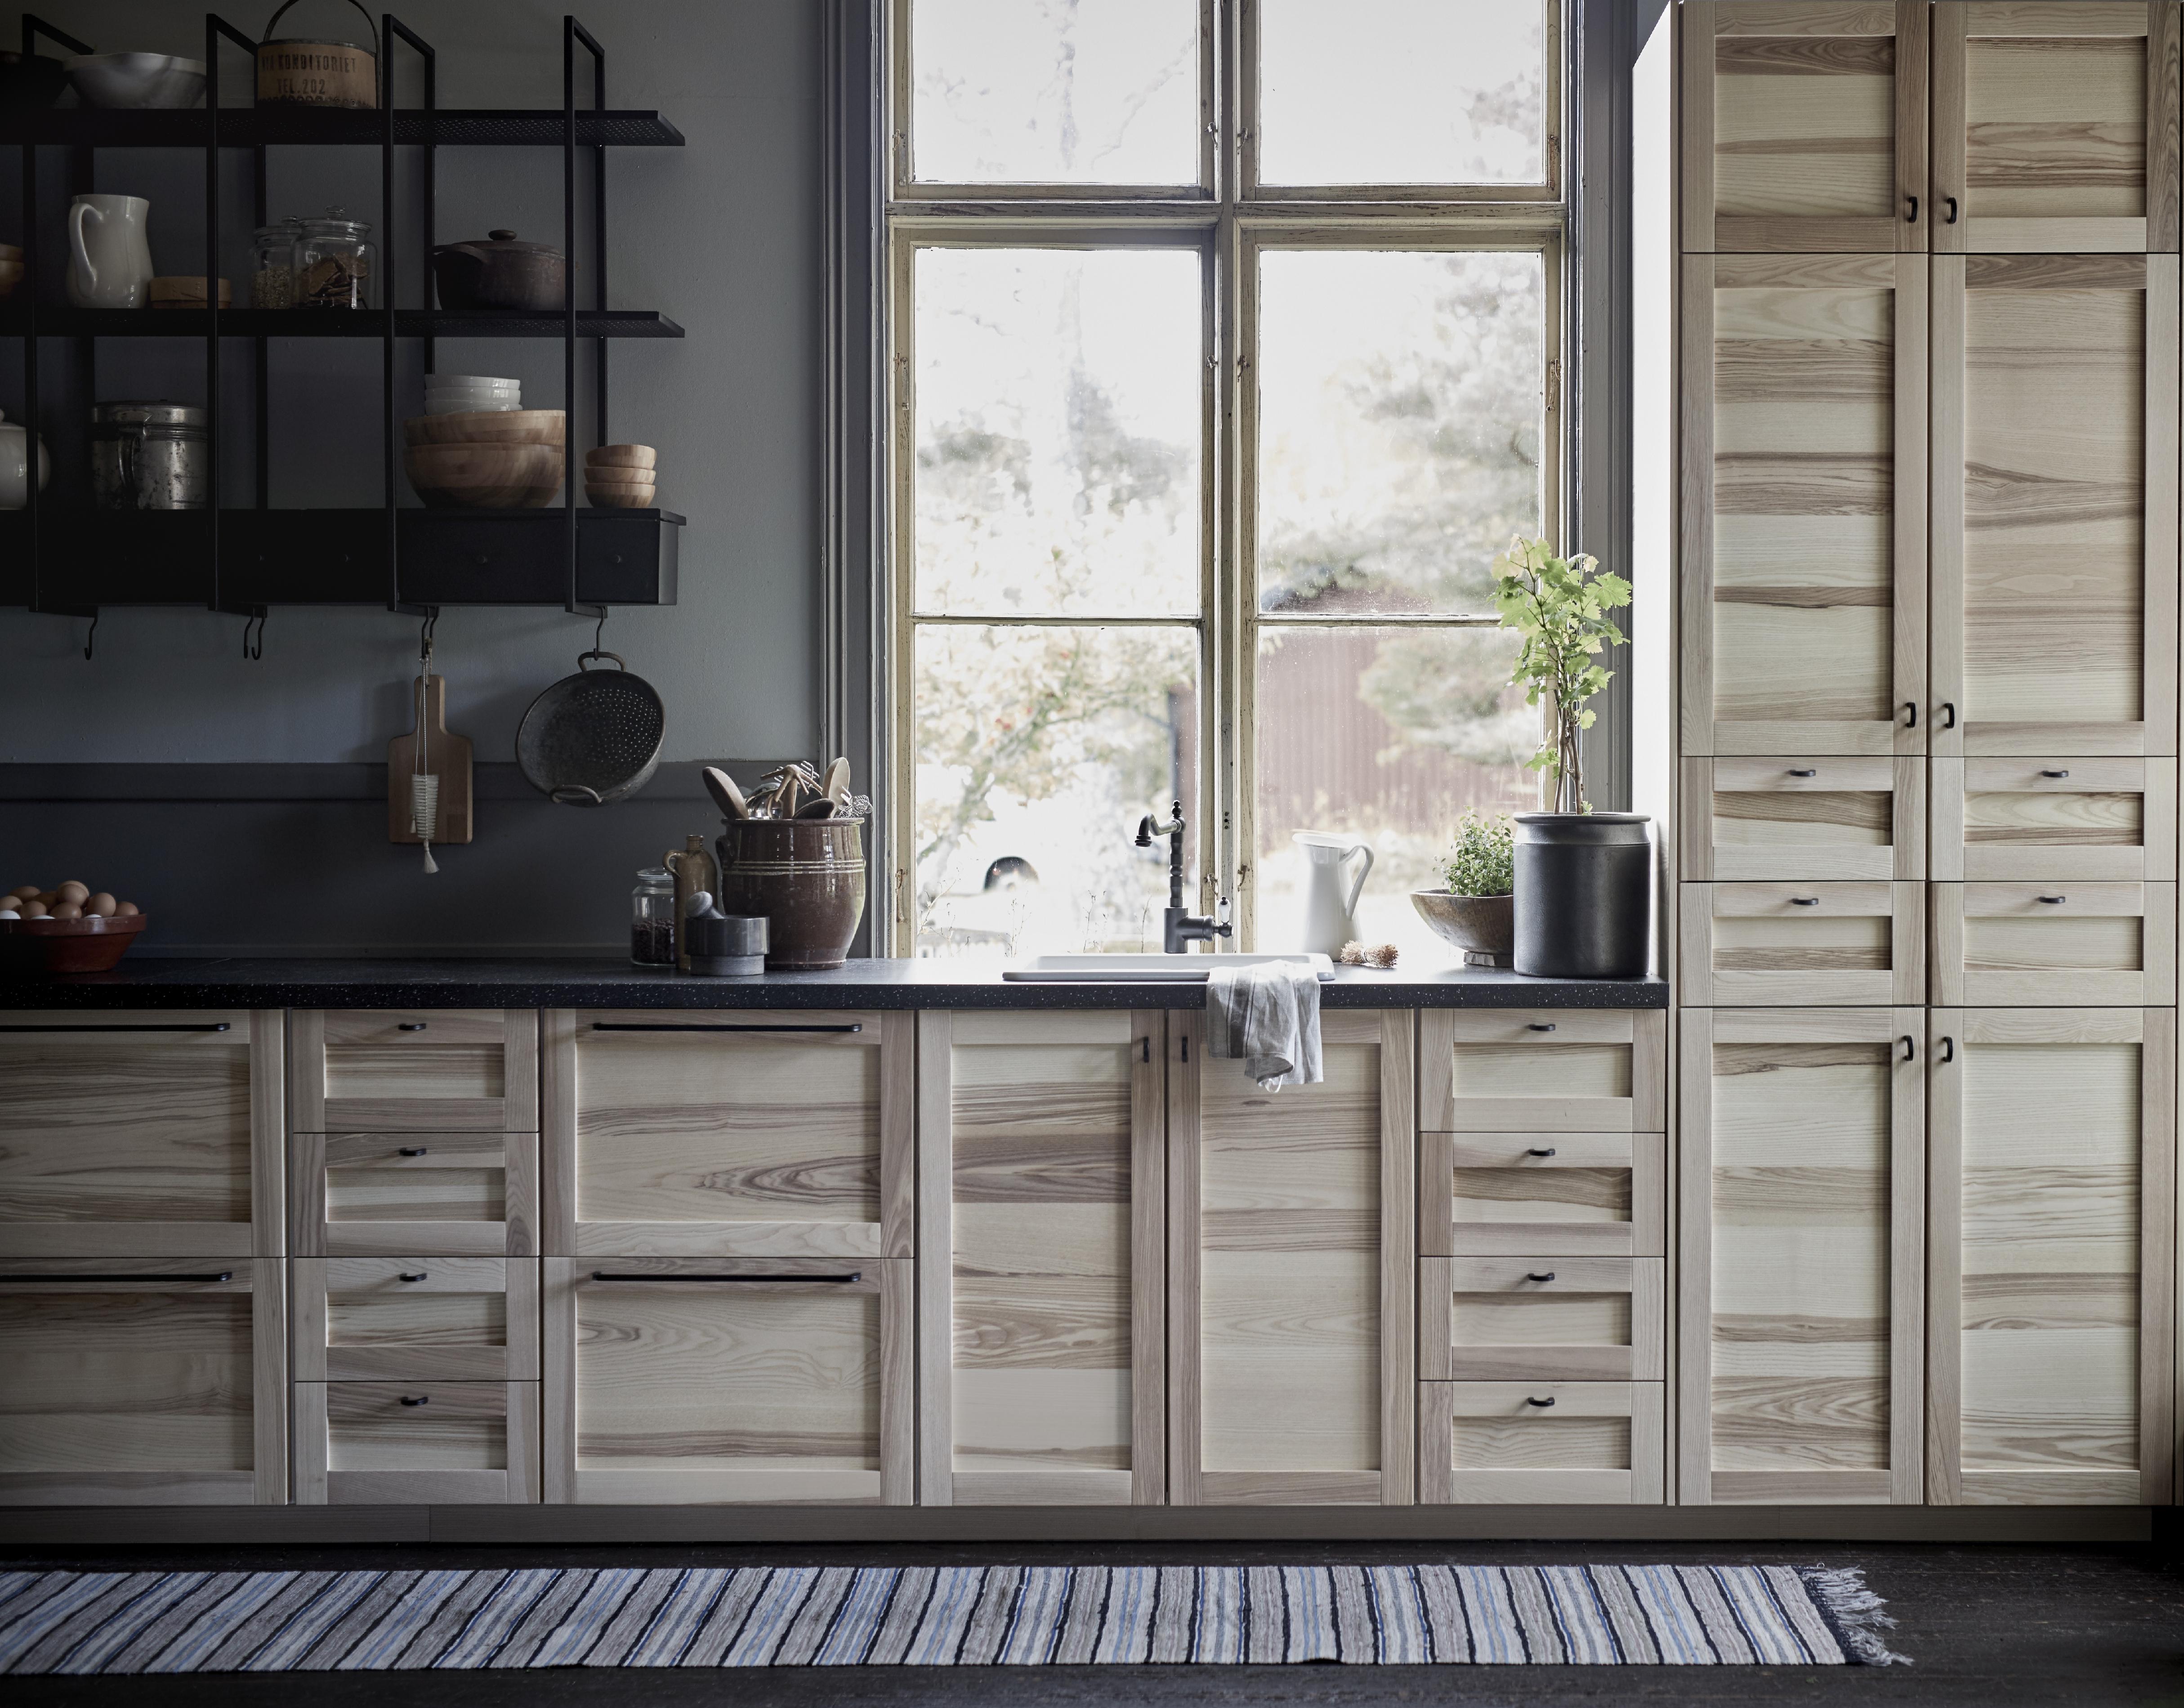 Noblessa keittiön kalusteita ja uusi liesituuletin